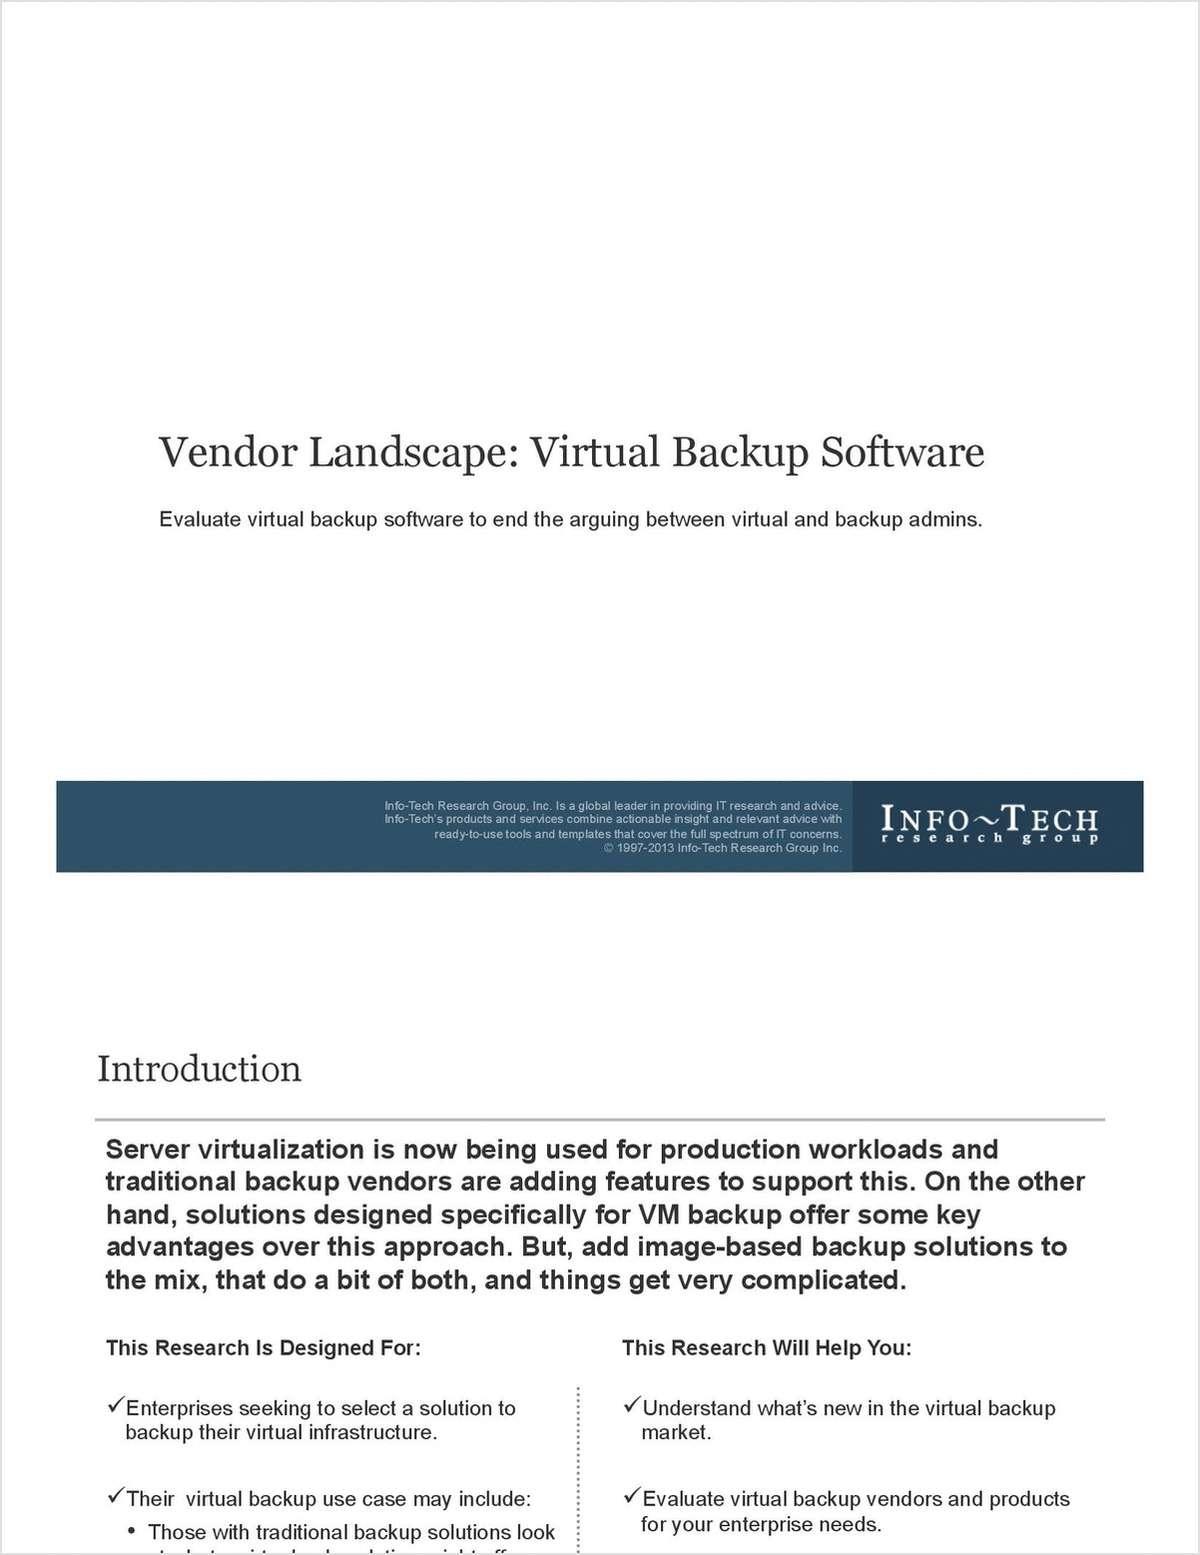 Vendor Landscape: Virtual Backup Software